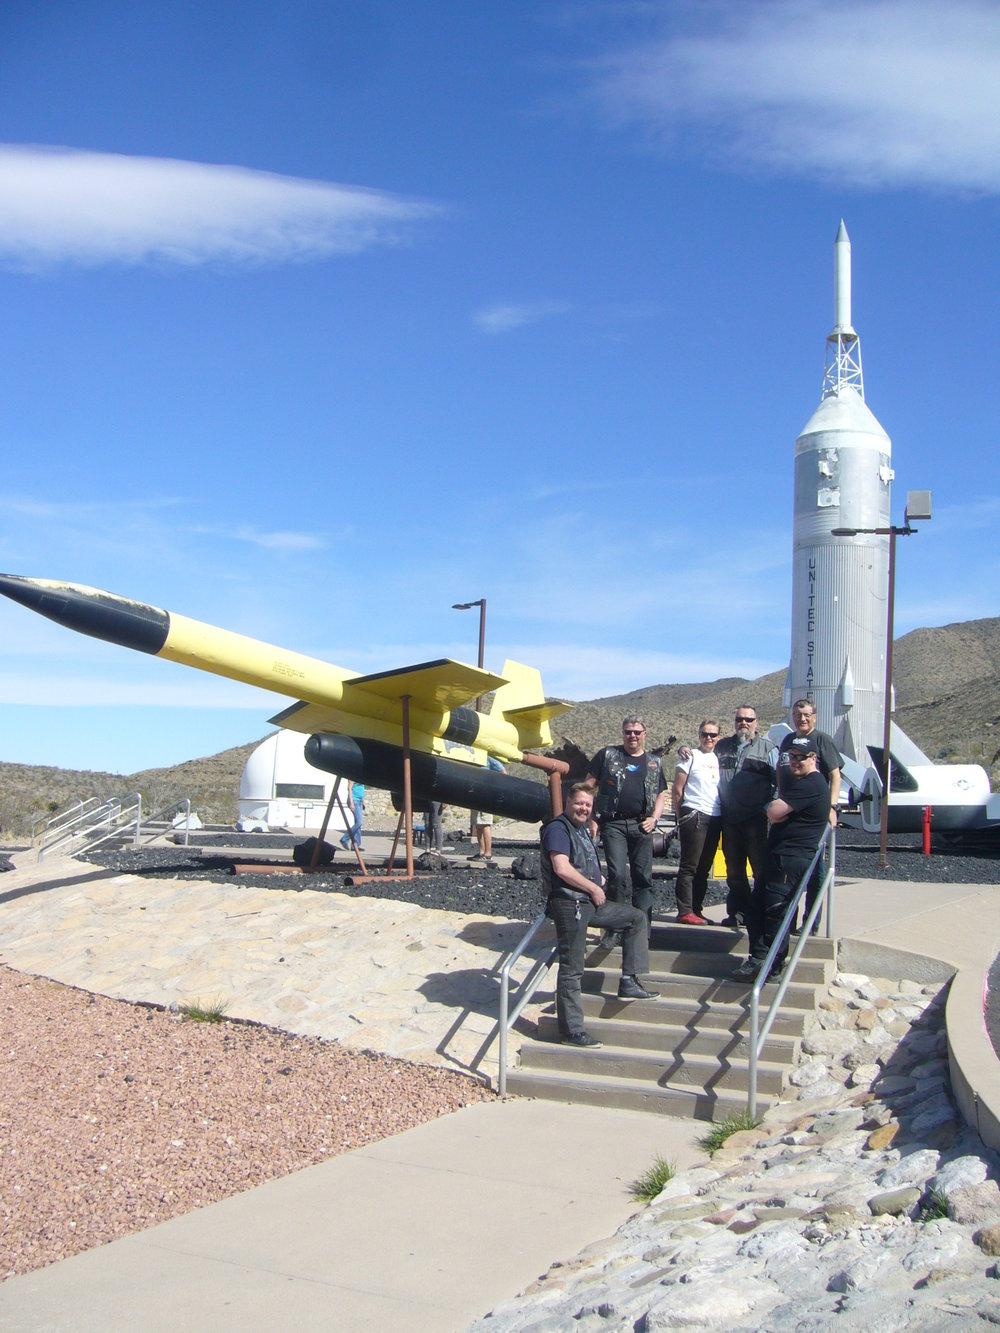 Alamogordo ja pala avaruusmatkailun historiaa New Mexicossa.